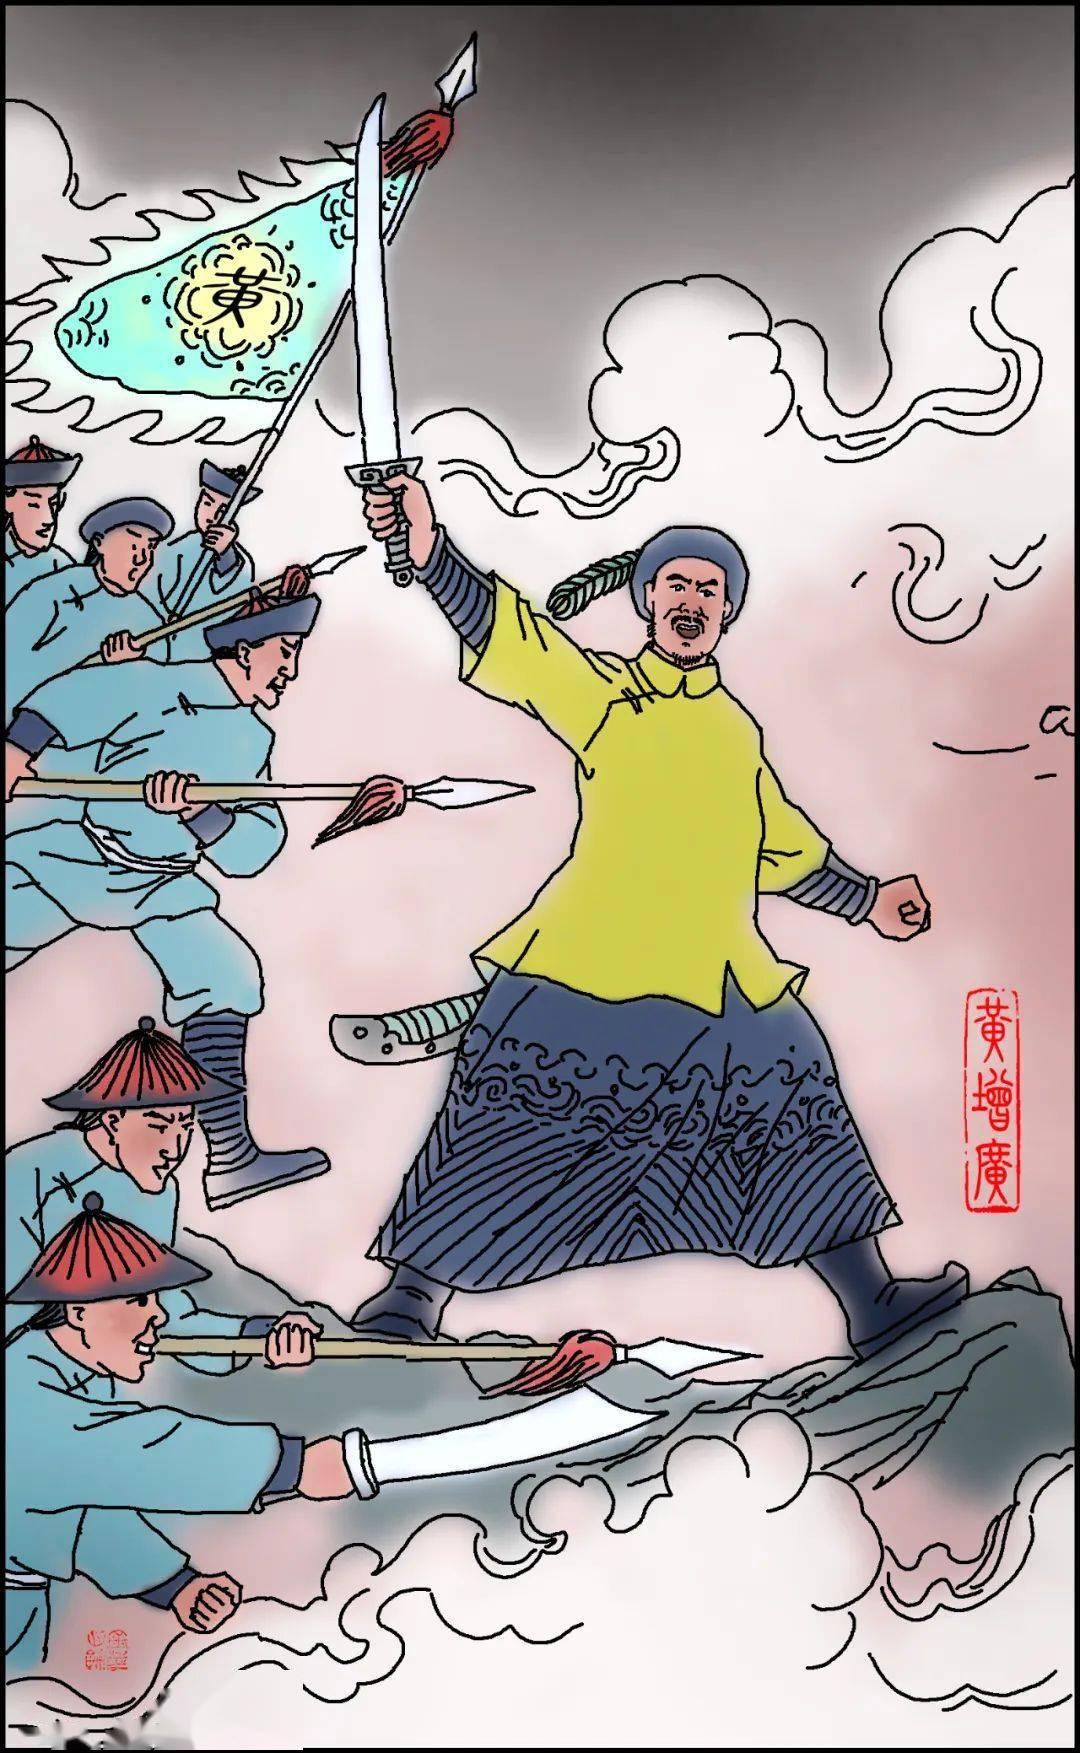 连州历代先贤故事,黄增广:助收城池十数座